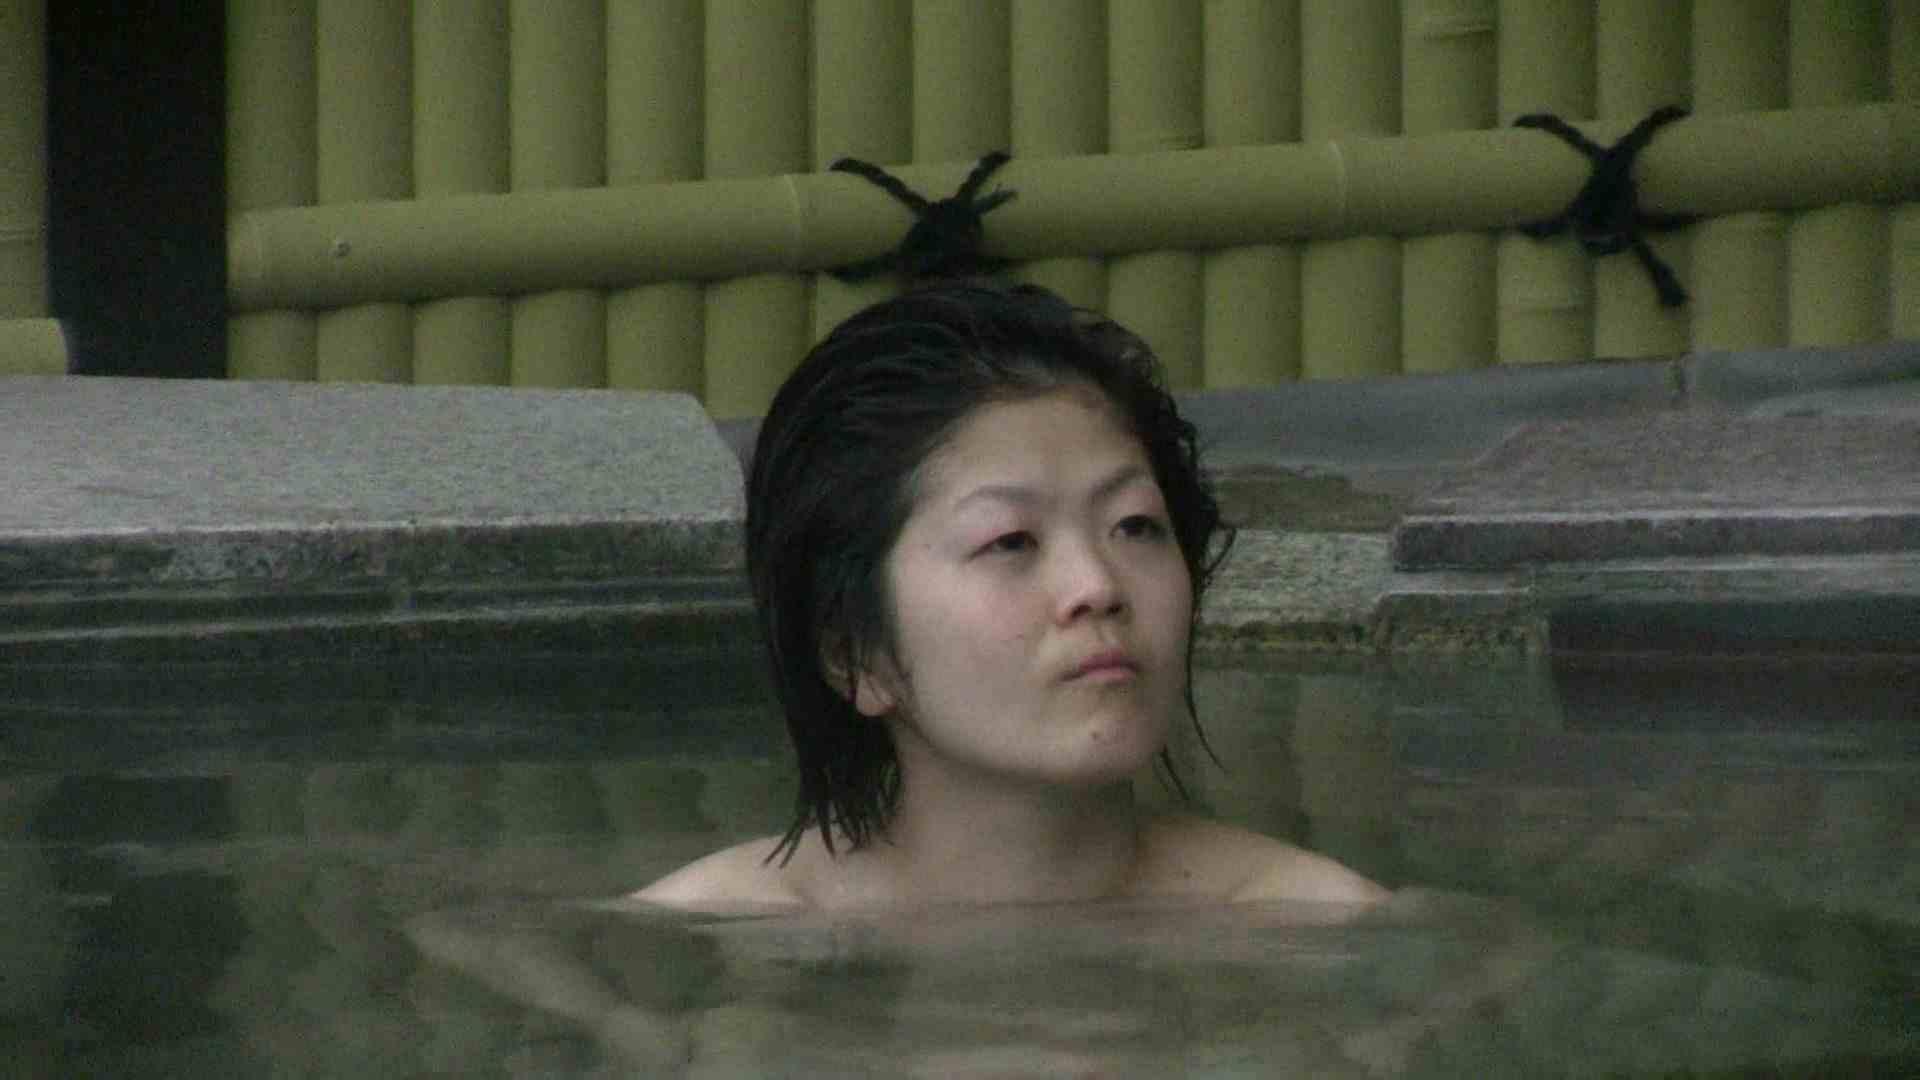 Aquaな露天風呂Vol.538 露天 | 盗撮  48pic 31